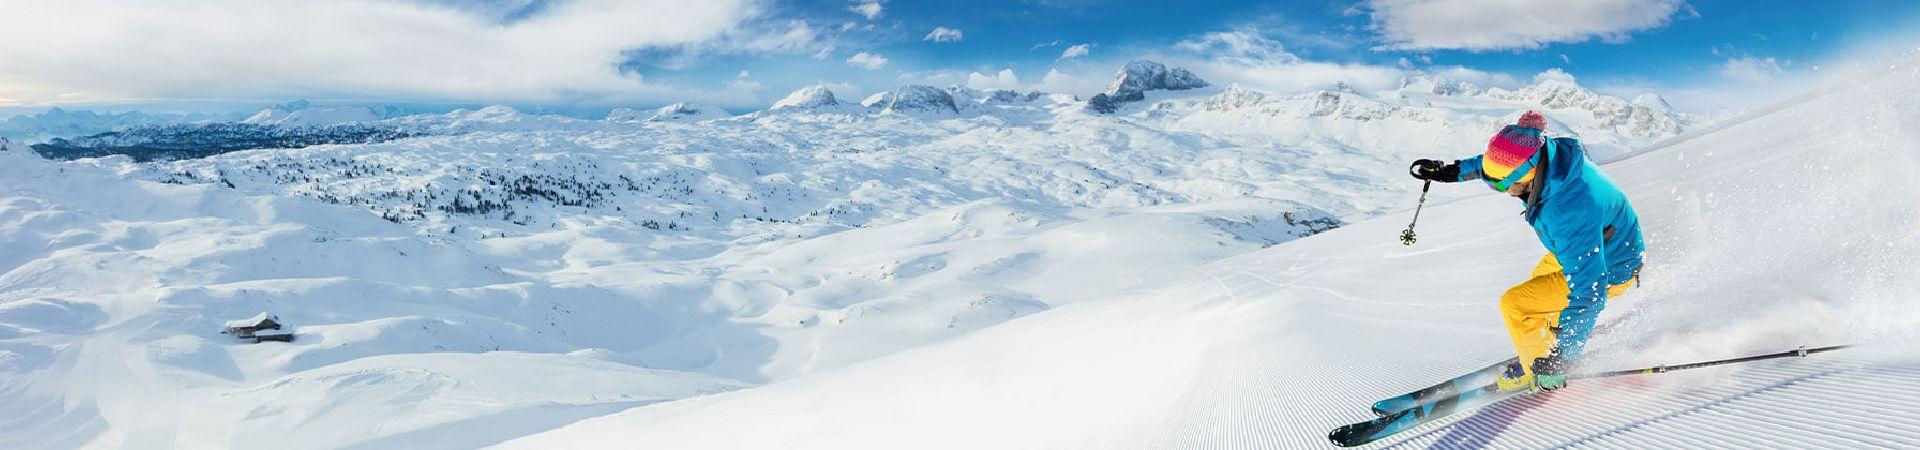 Skisport in der Sportgemeinschaft des Bayerischer Rundfunk